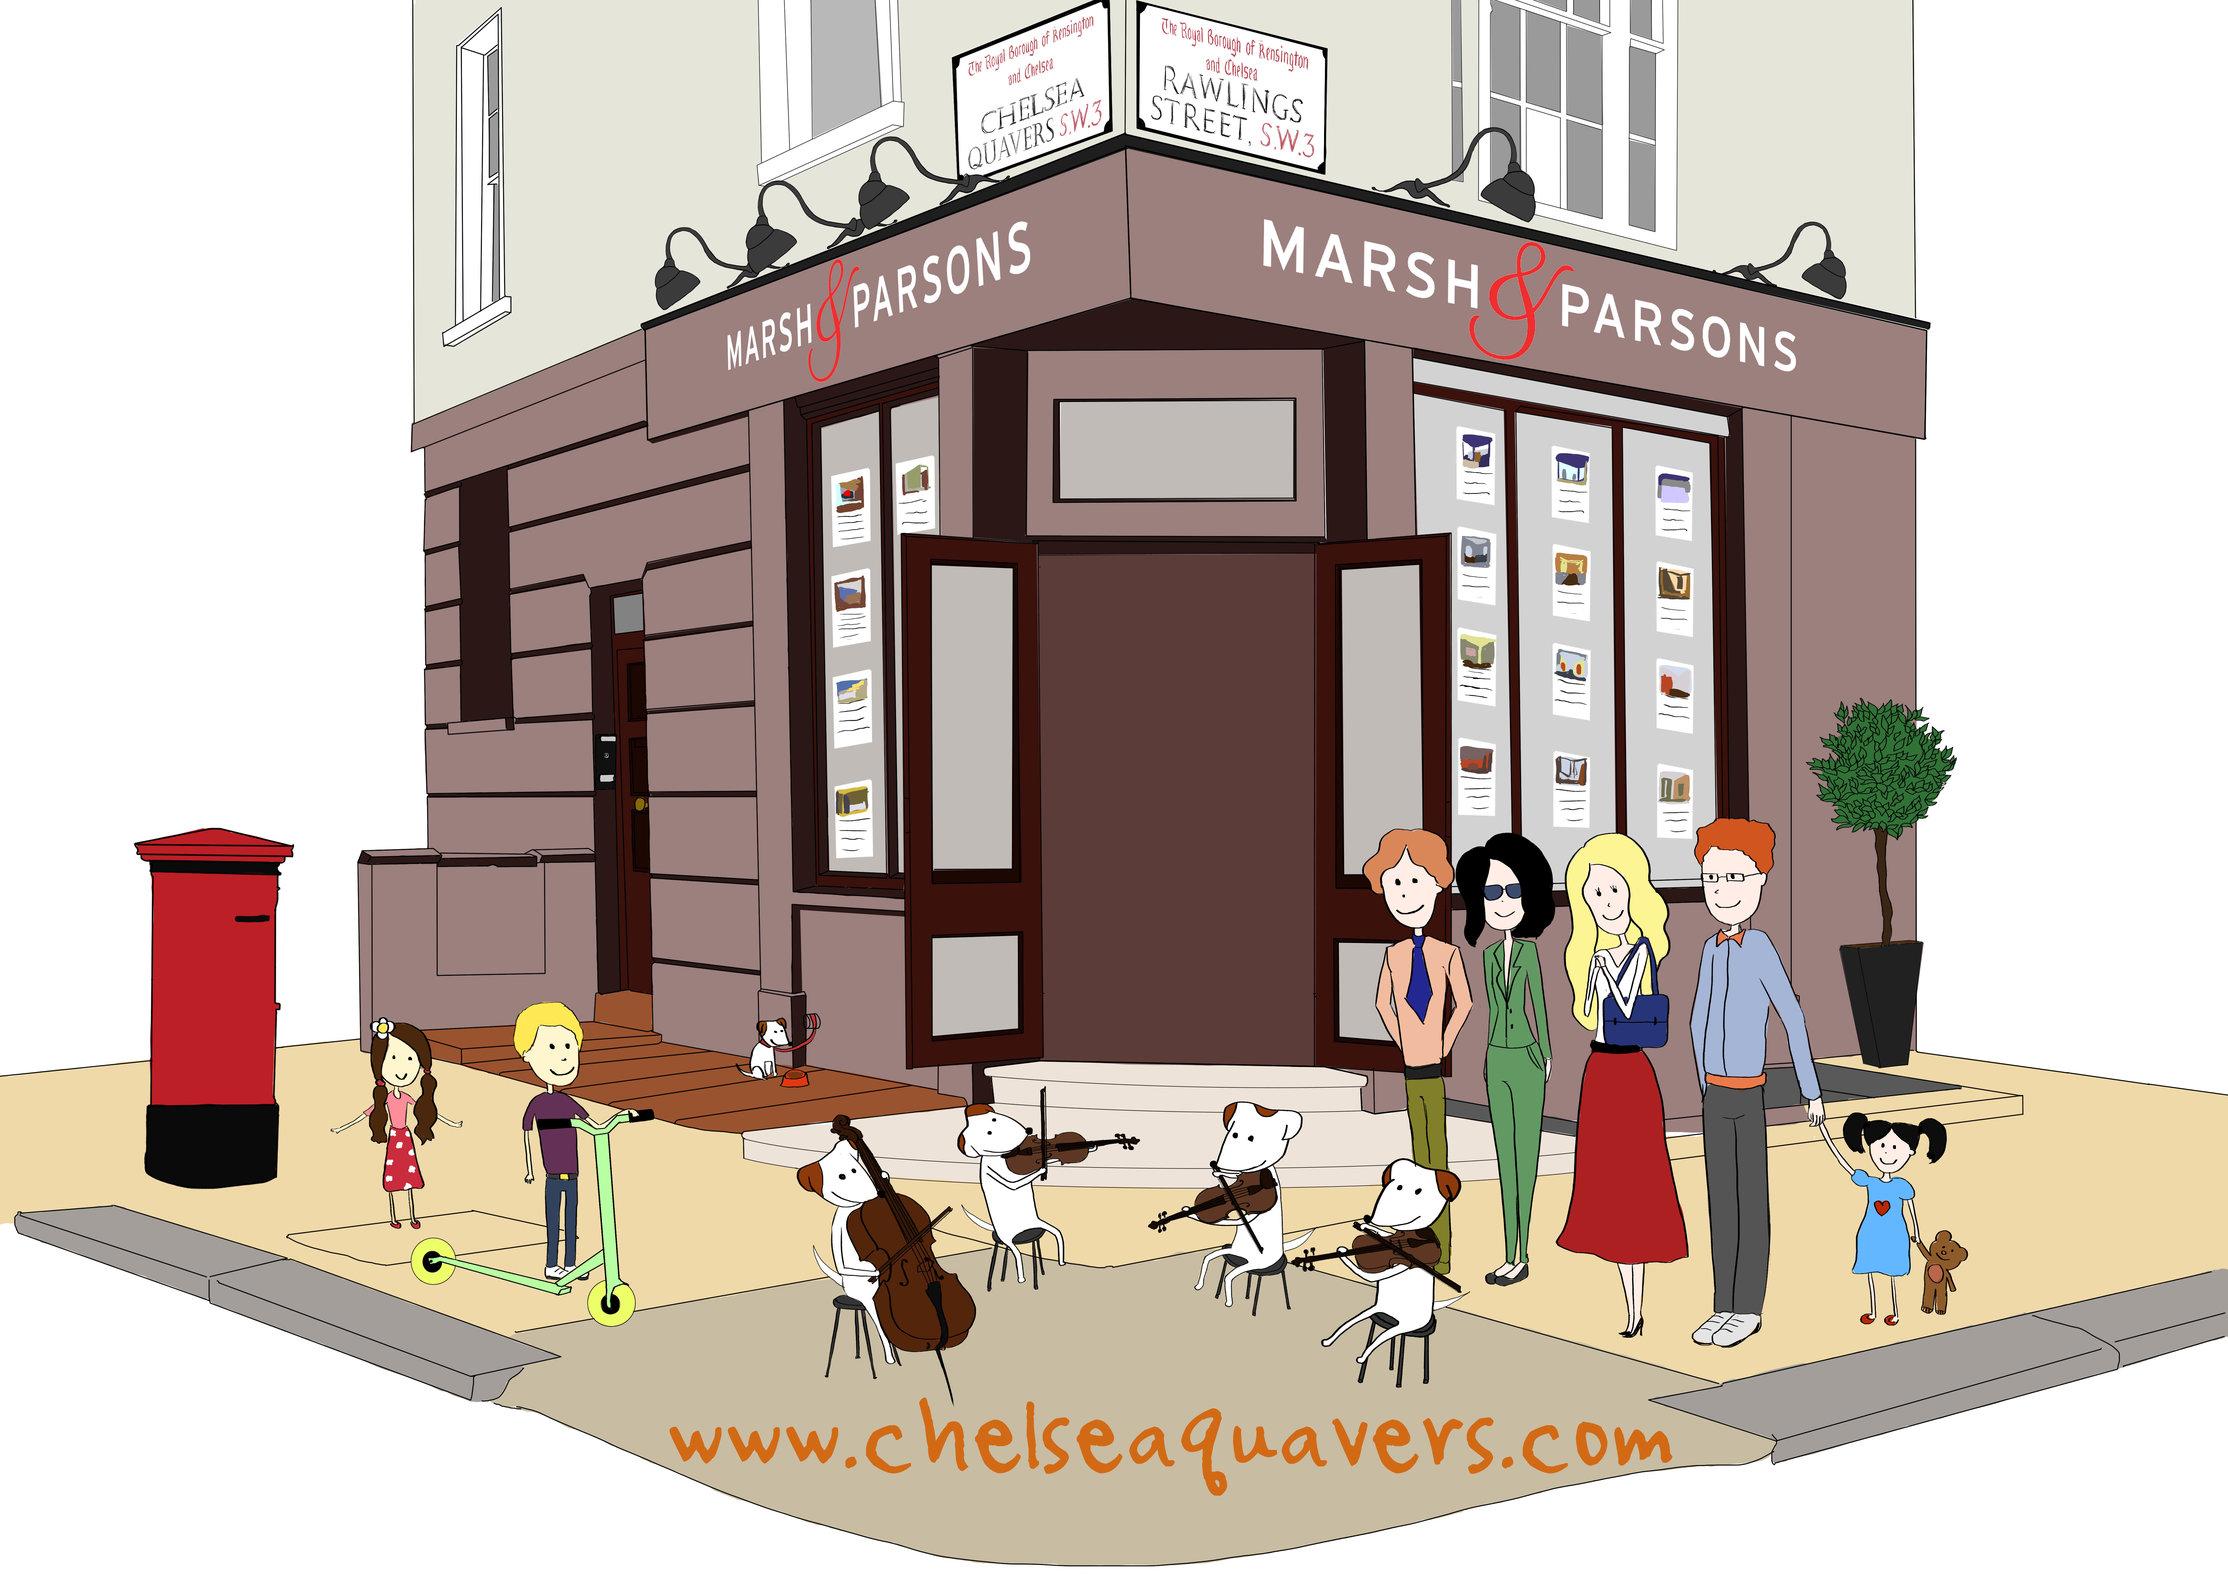 Chelsea Quavers